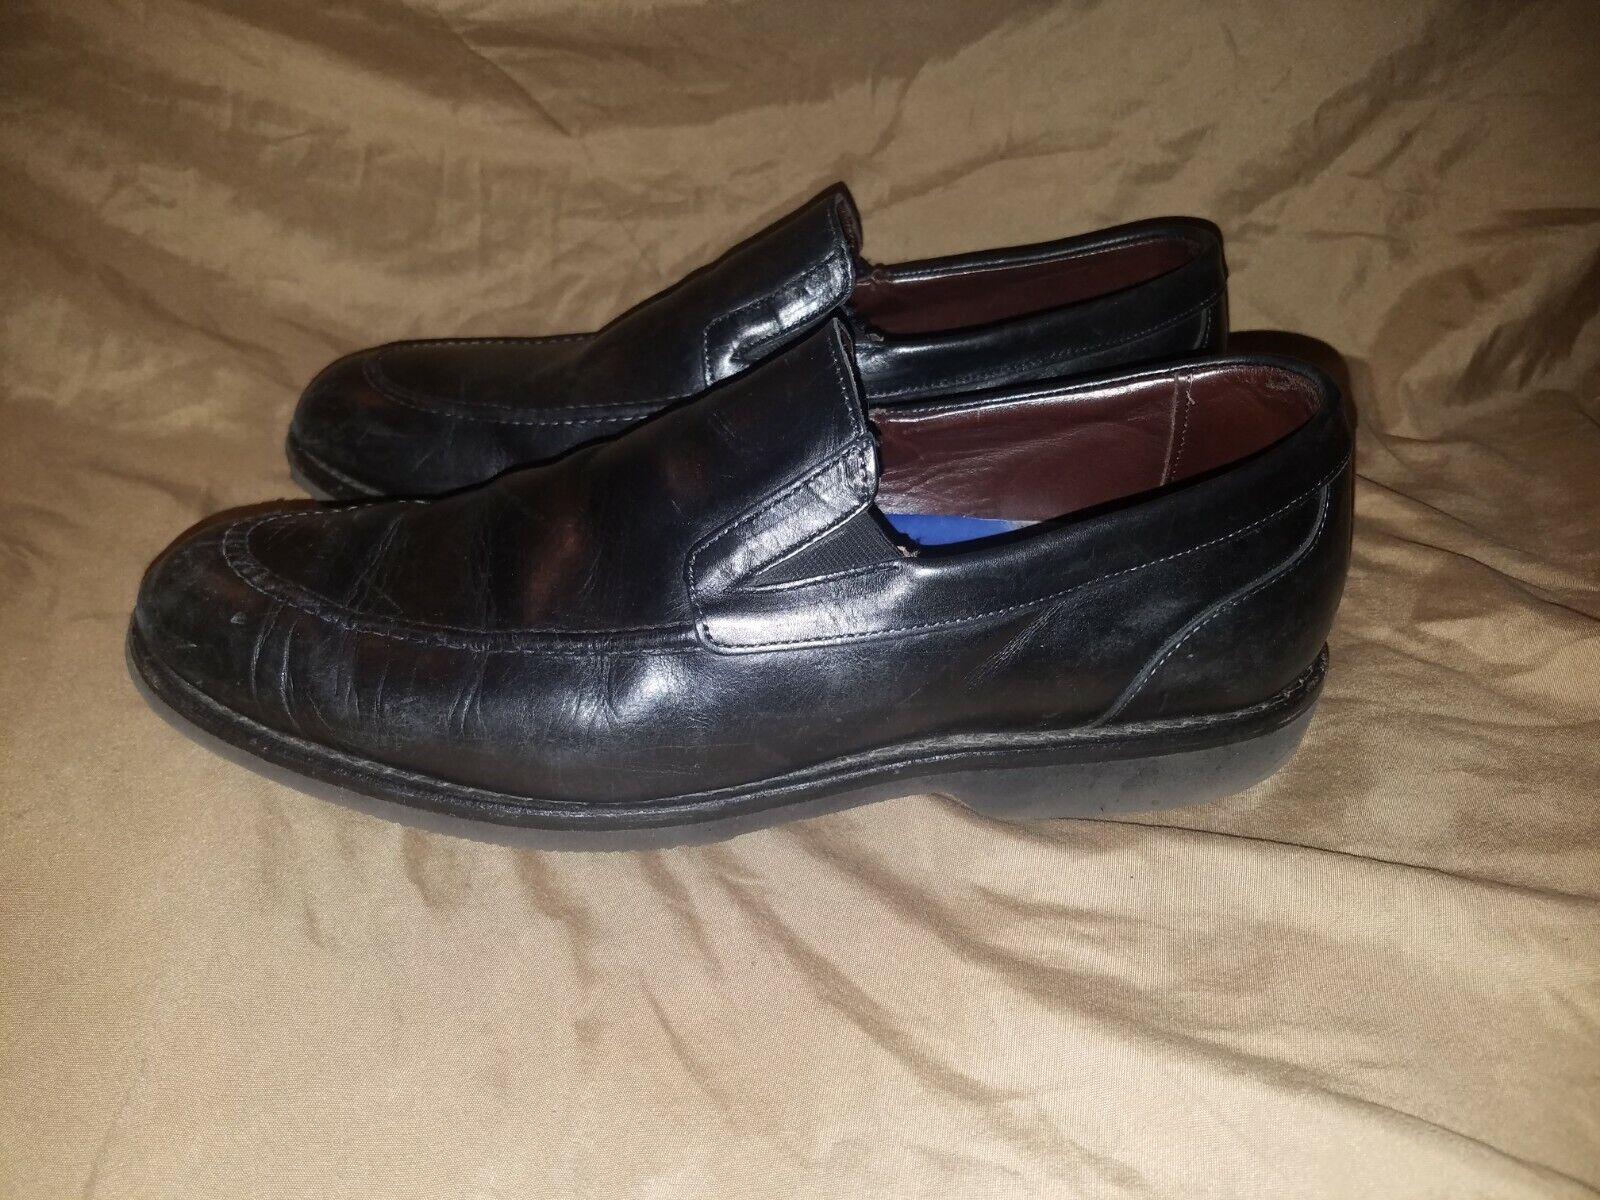 punti vendita Allen Edmonds Road Road Road Warriors nero Leather Loafers Uomo Dimensione 11.5 B Mocs scarpe  servizio di prima classe